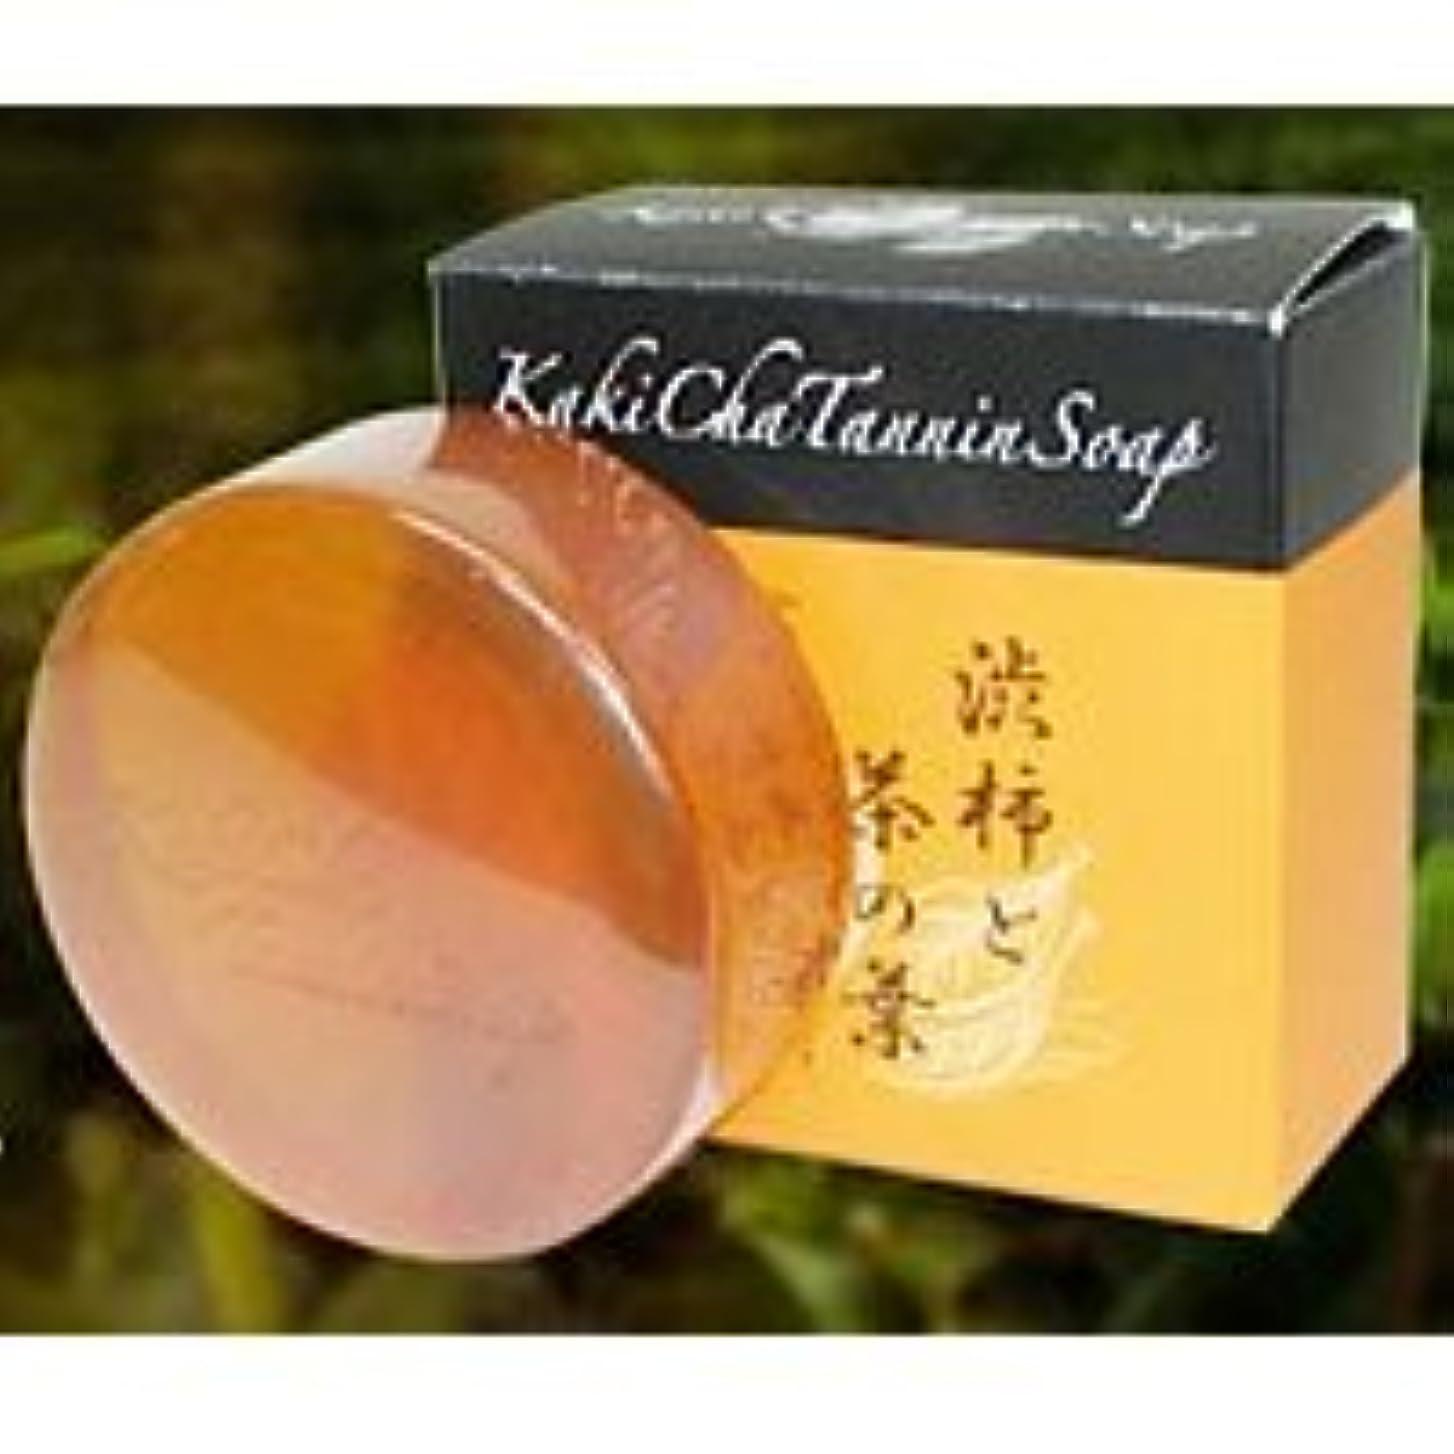 衣類マージ分析するカキチャタンニンソープ 安心の日本製 カキチャタンニンソープ (マイルドクリアソープ) カキチャ タンニンソープ 柿渋ソープ